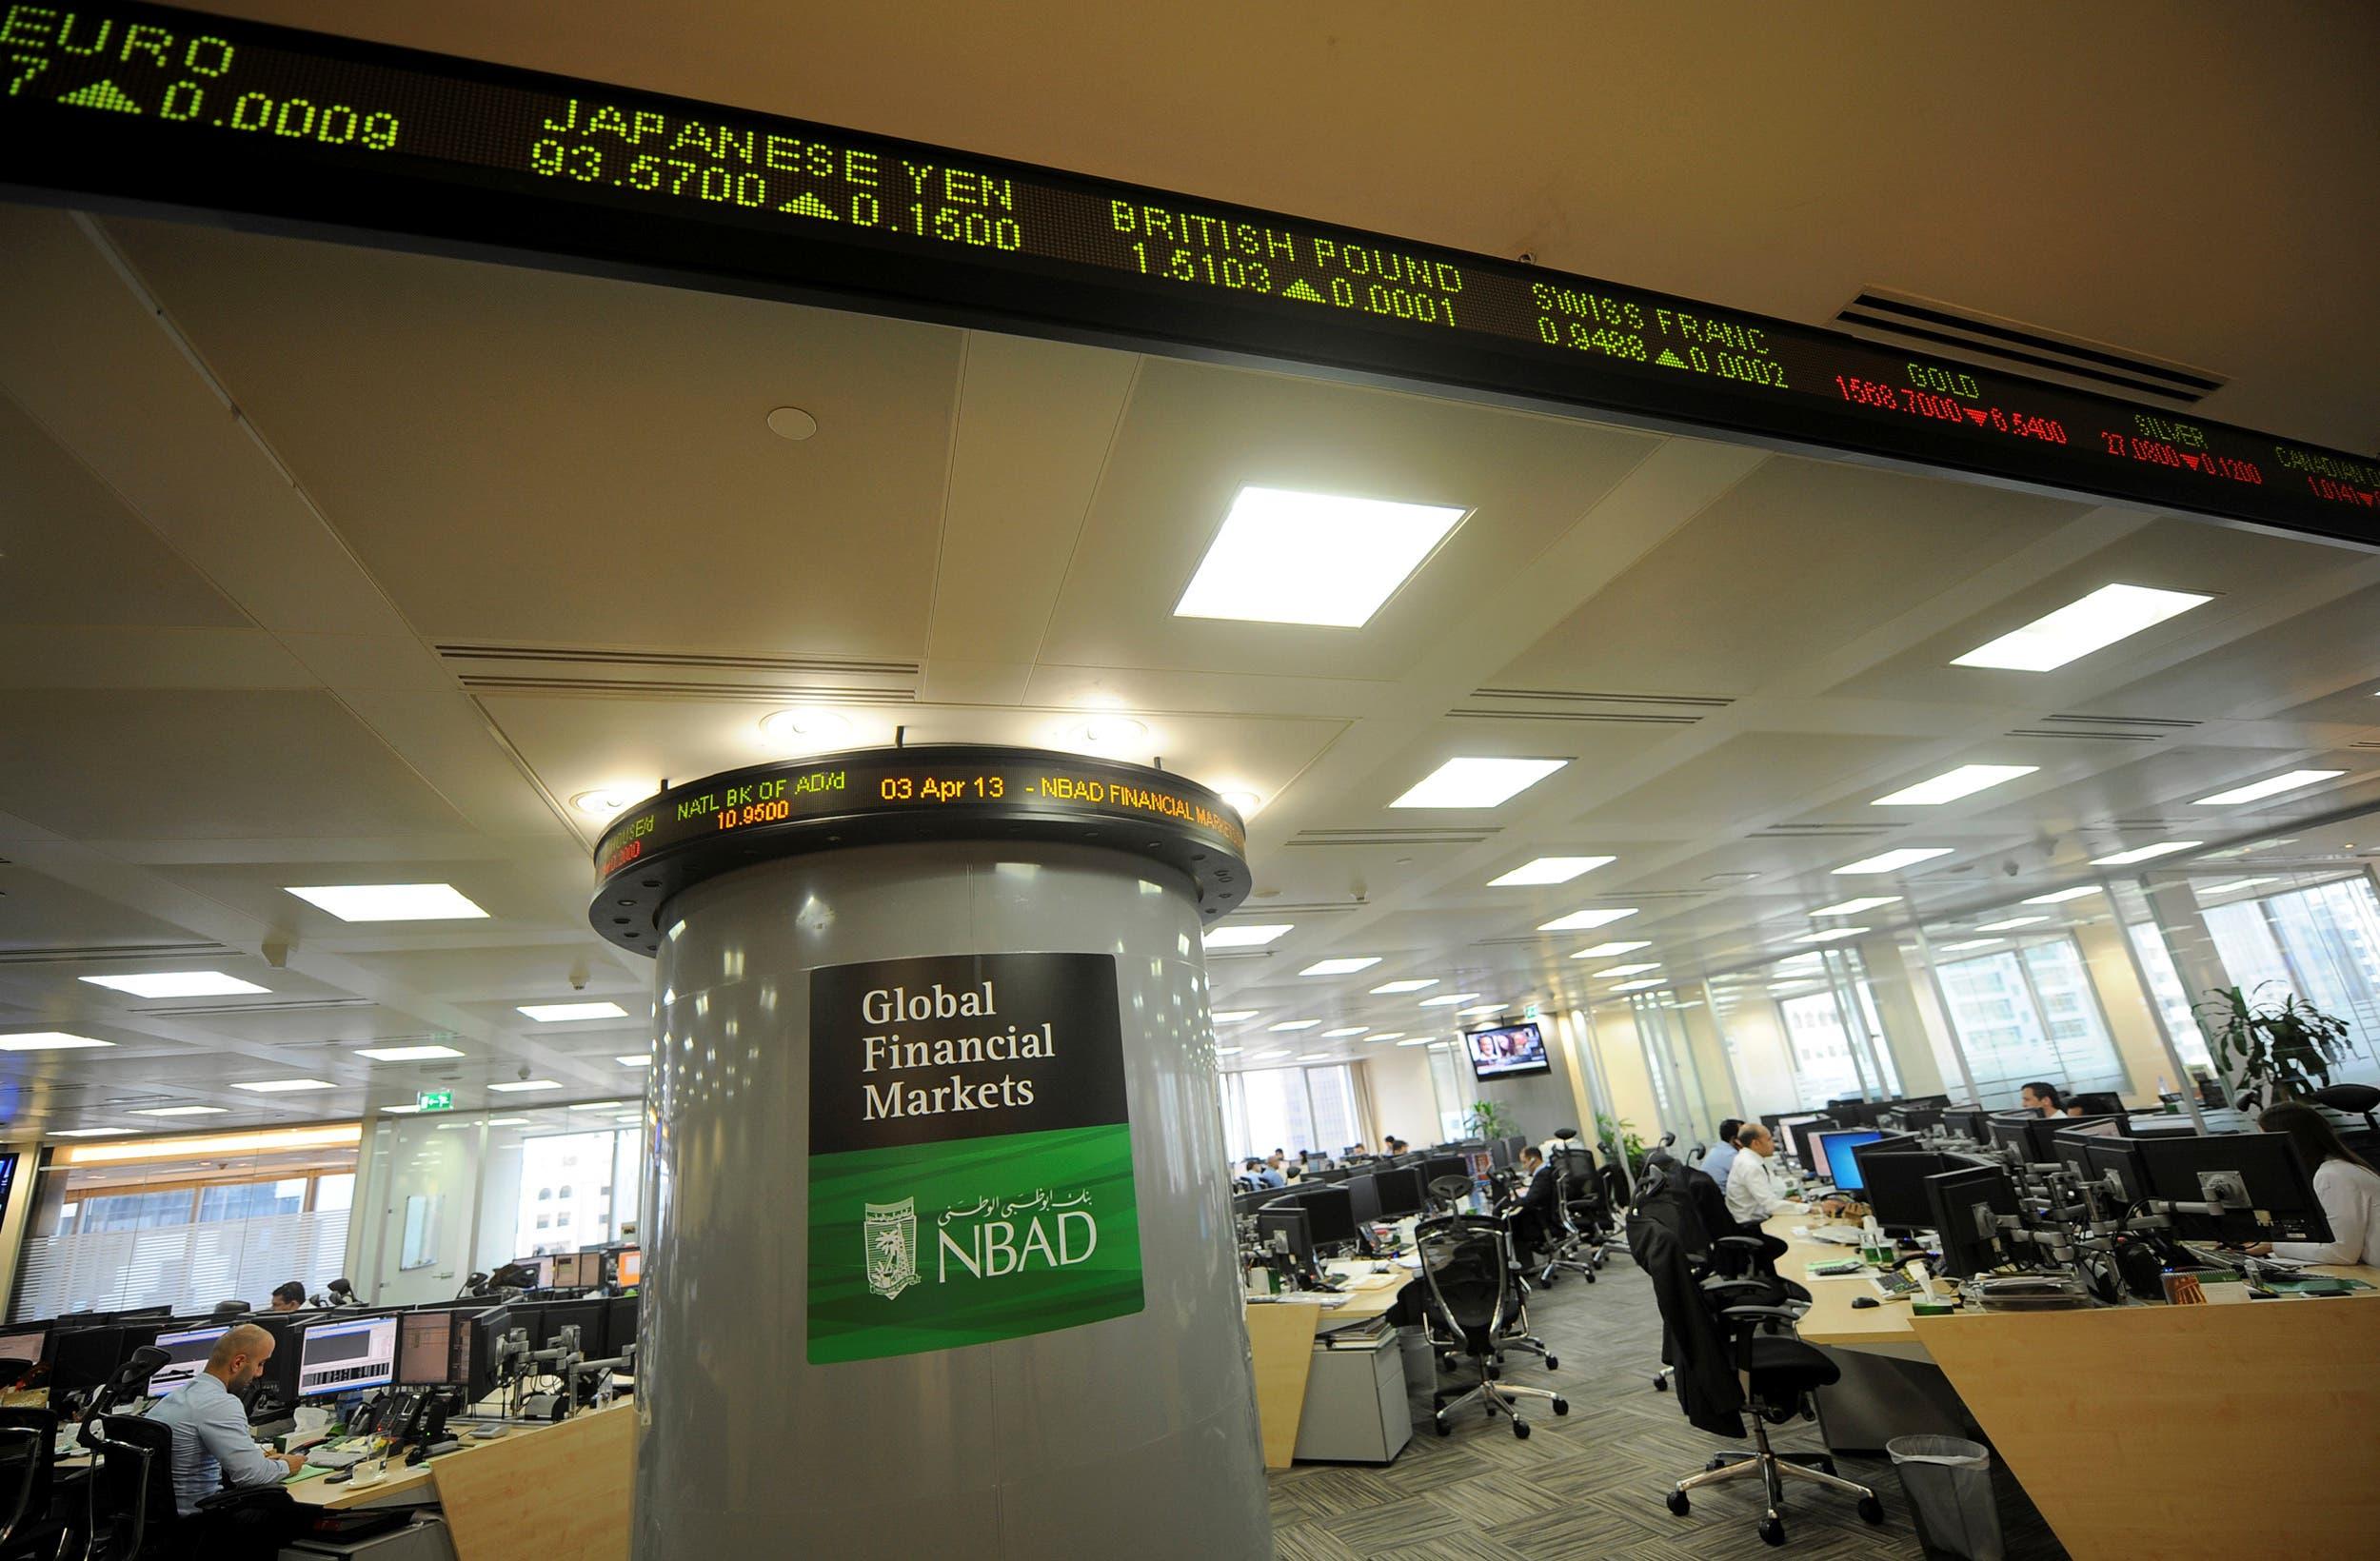 Des employés sont vus dans les bureaux du siège de la Banque nationale d'Abou Dhabi (NBAD), Émirats arabes unis, le 3 avril 2013 (Reuters)